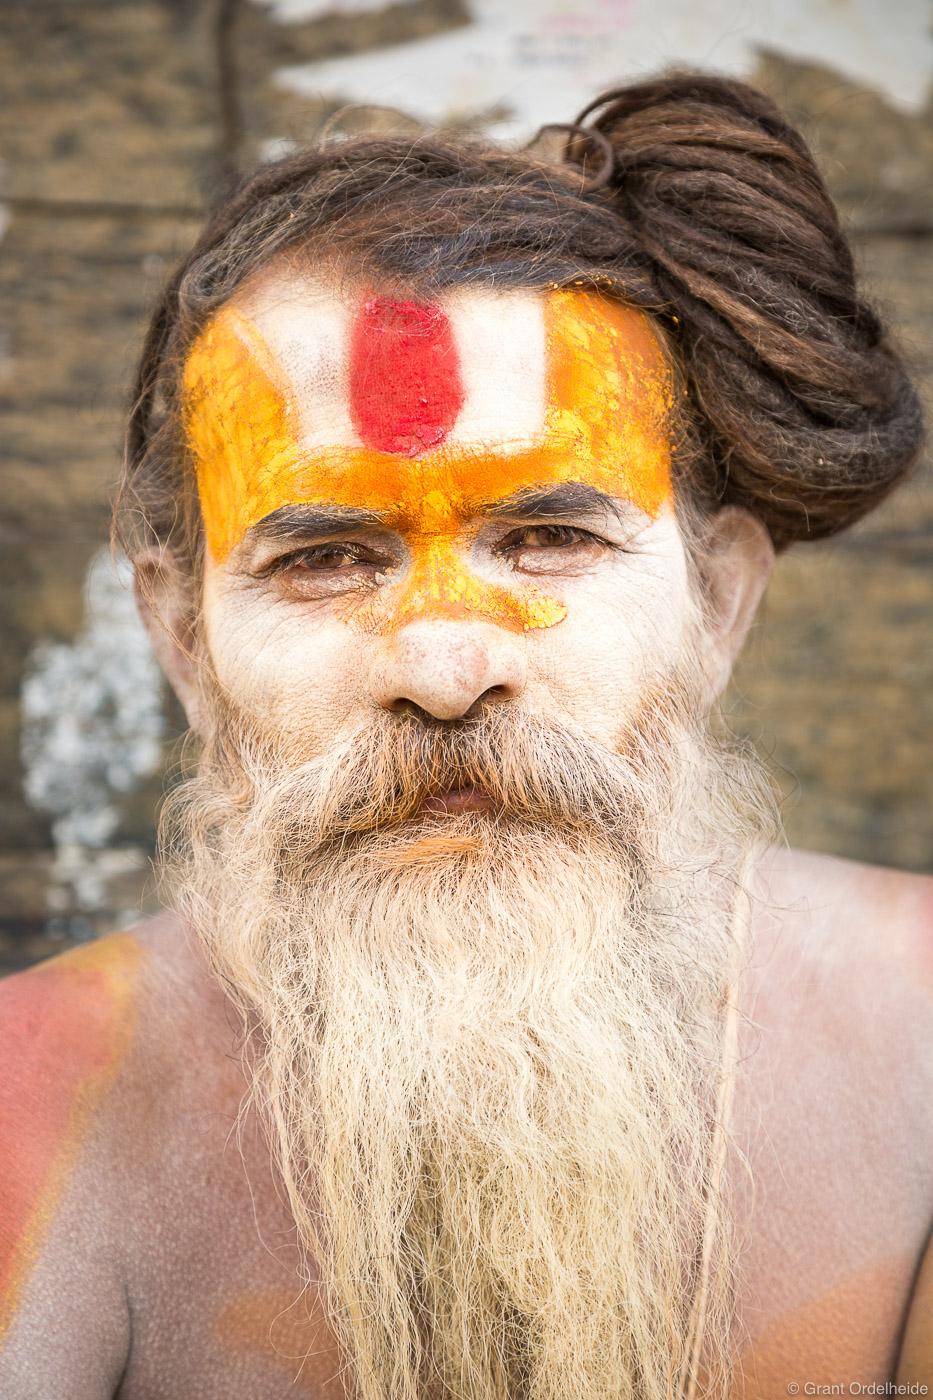 katmandu, sadu, nepal, holy man, portrait, hindu, temple, pashupatinath, photo